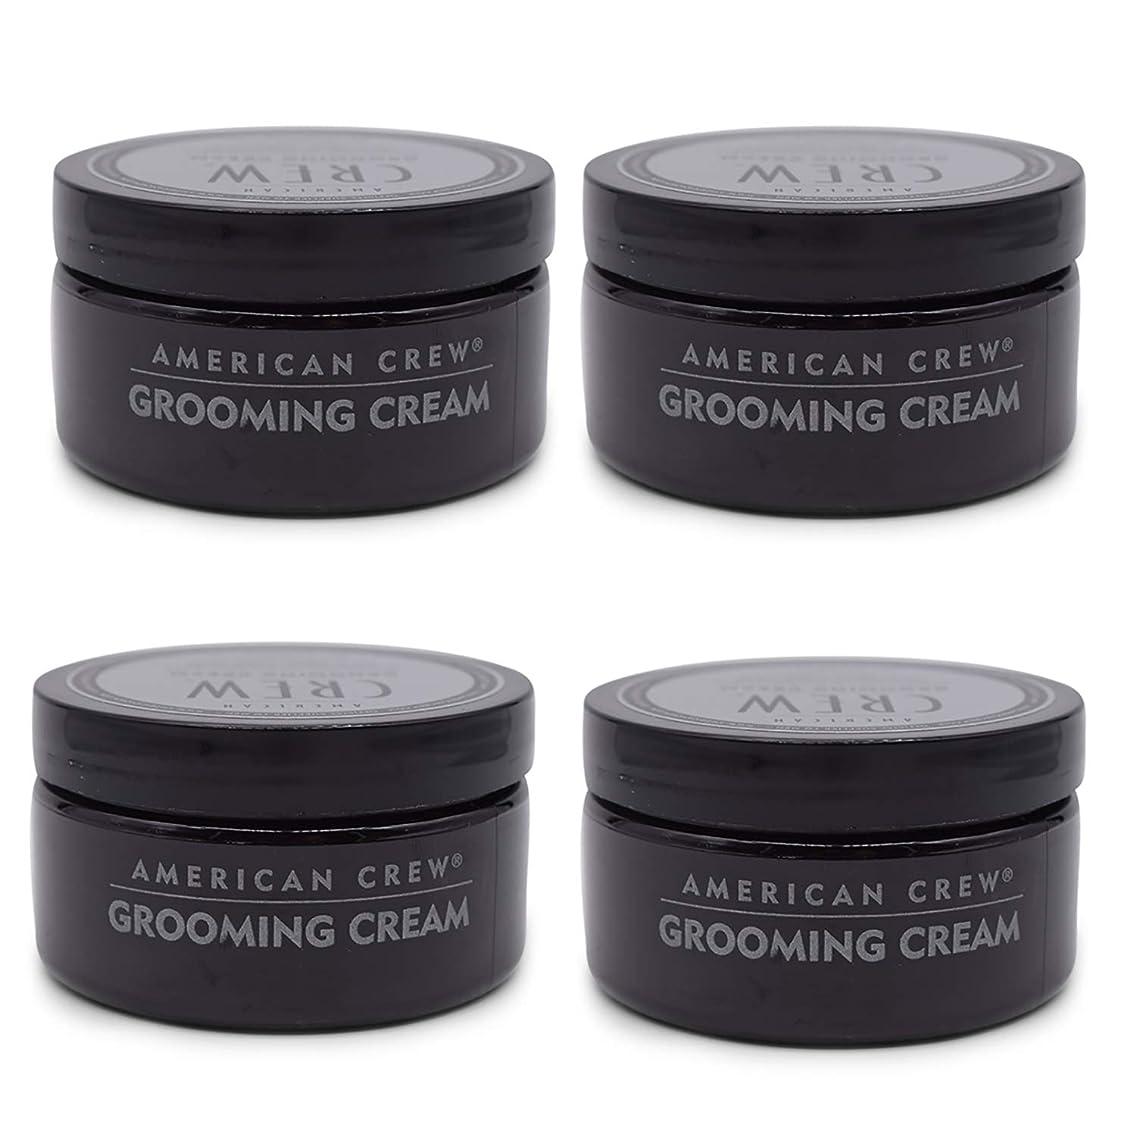 拒絶目の前の最近American Crew Grooming Cream 3oz (4 PACK!!) by American Crew